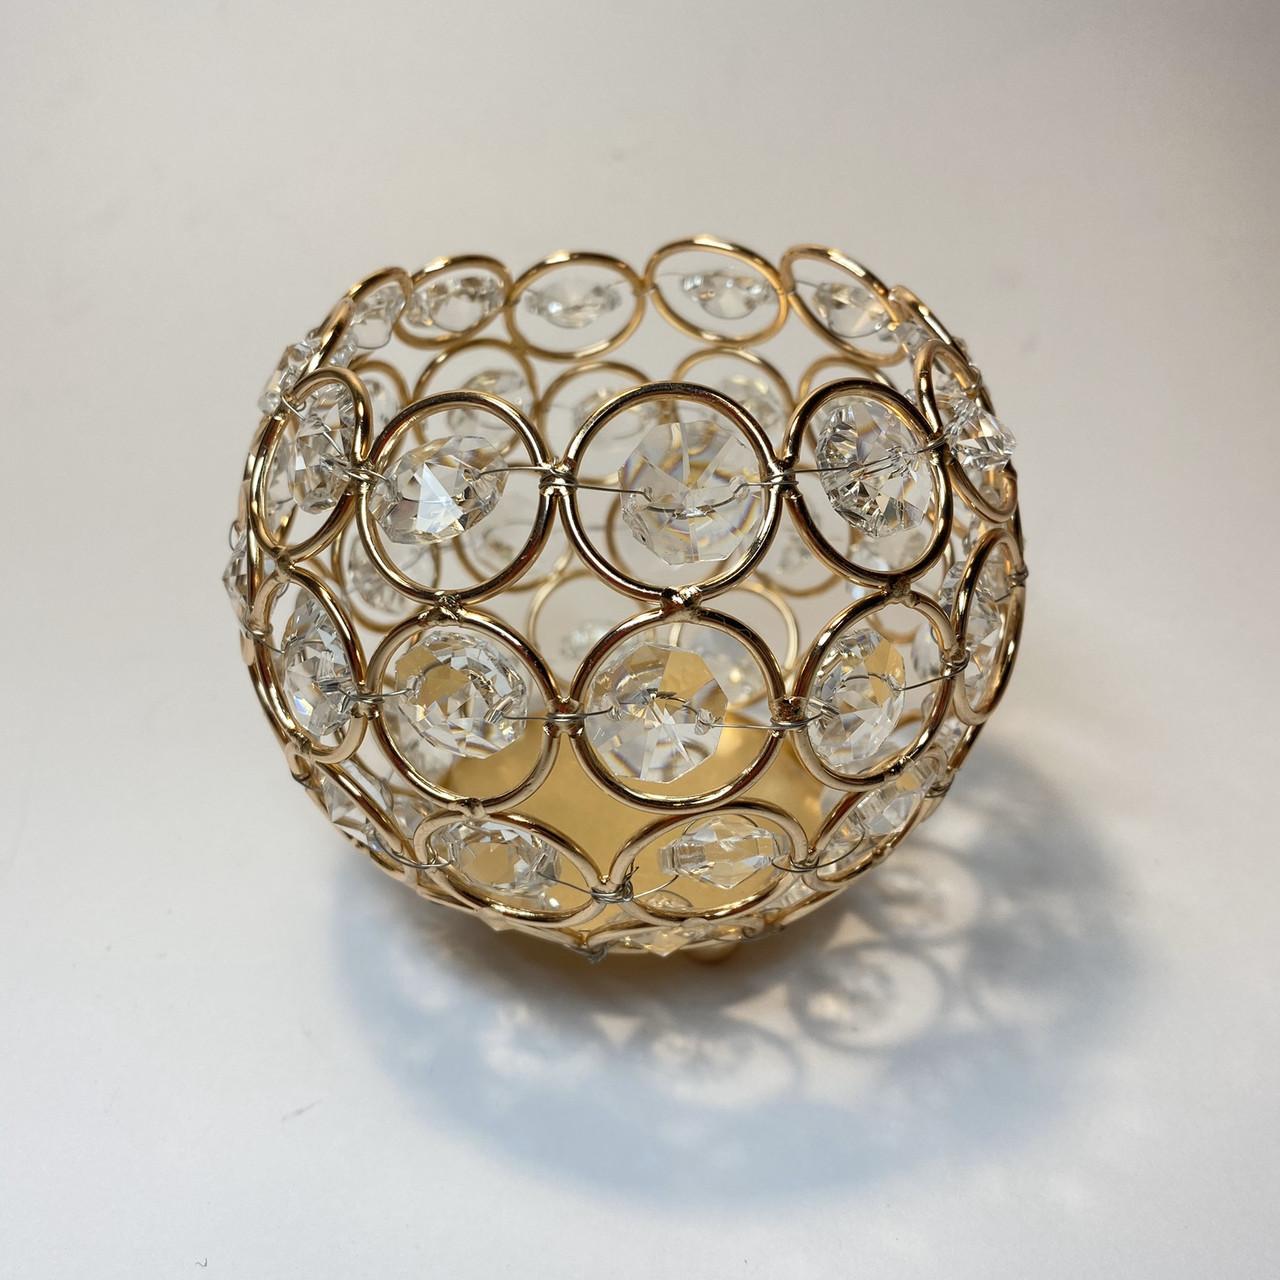 Стакан півсфера в камені для інструментів (пилок, кистей, дотсов, олівців)